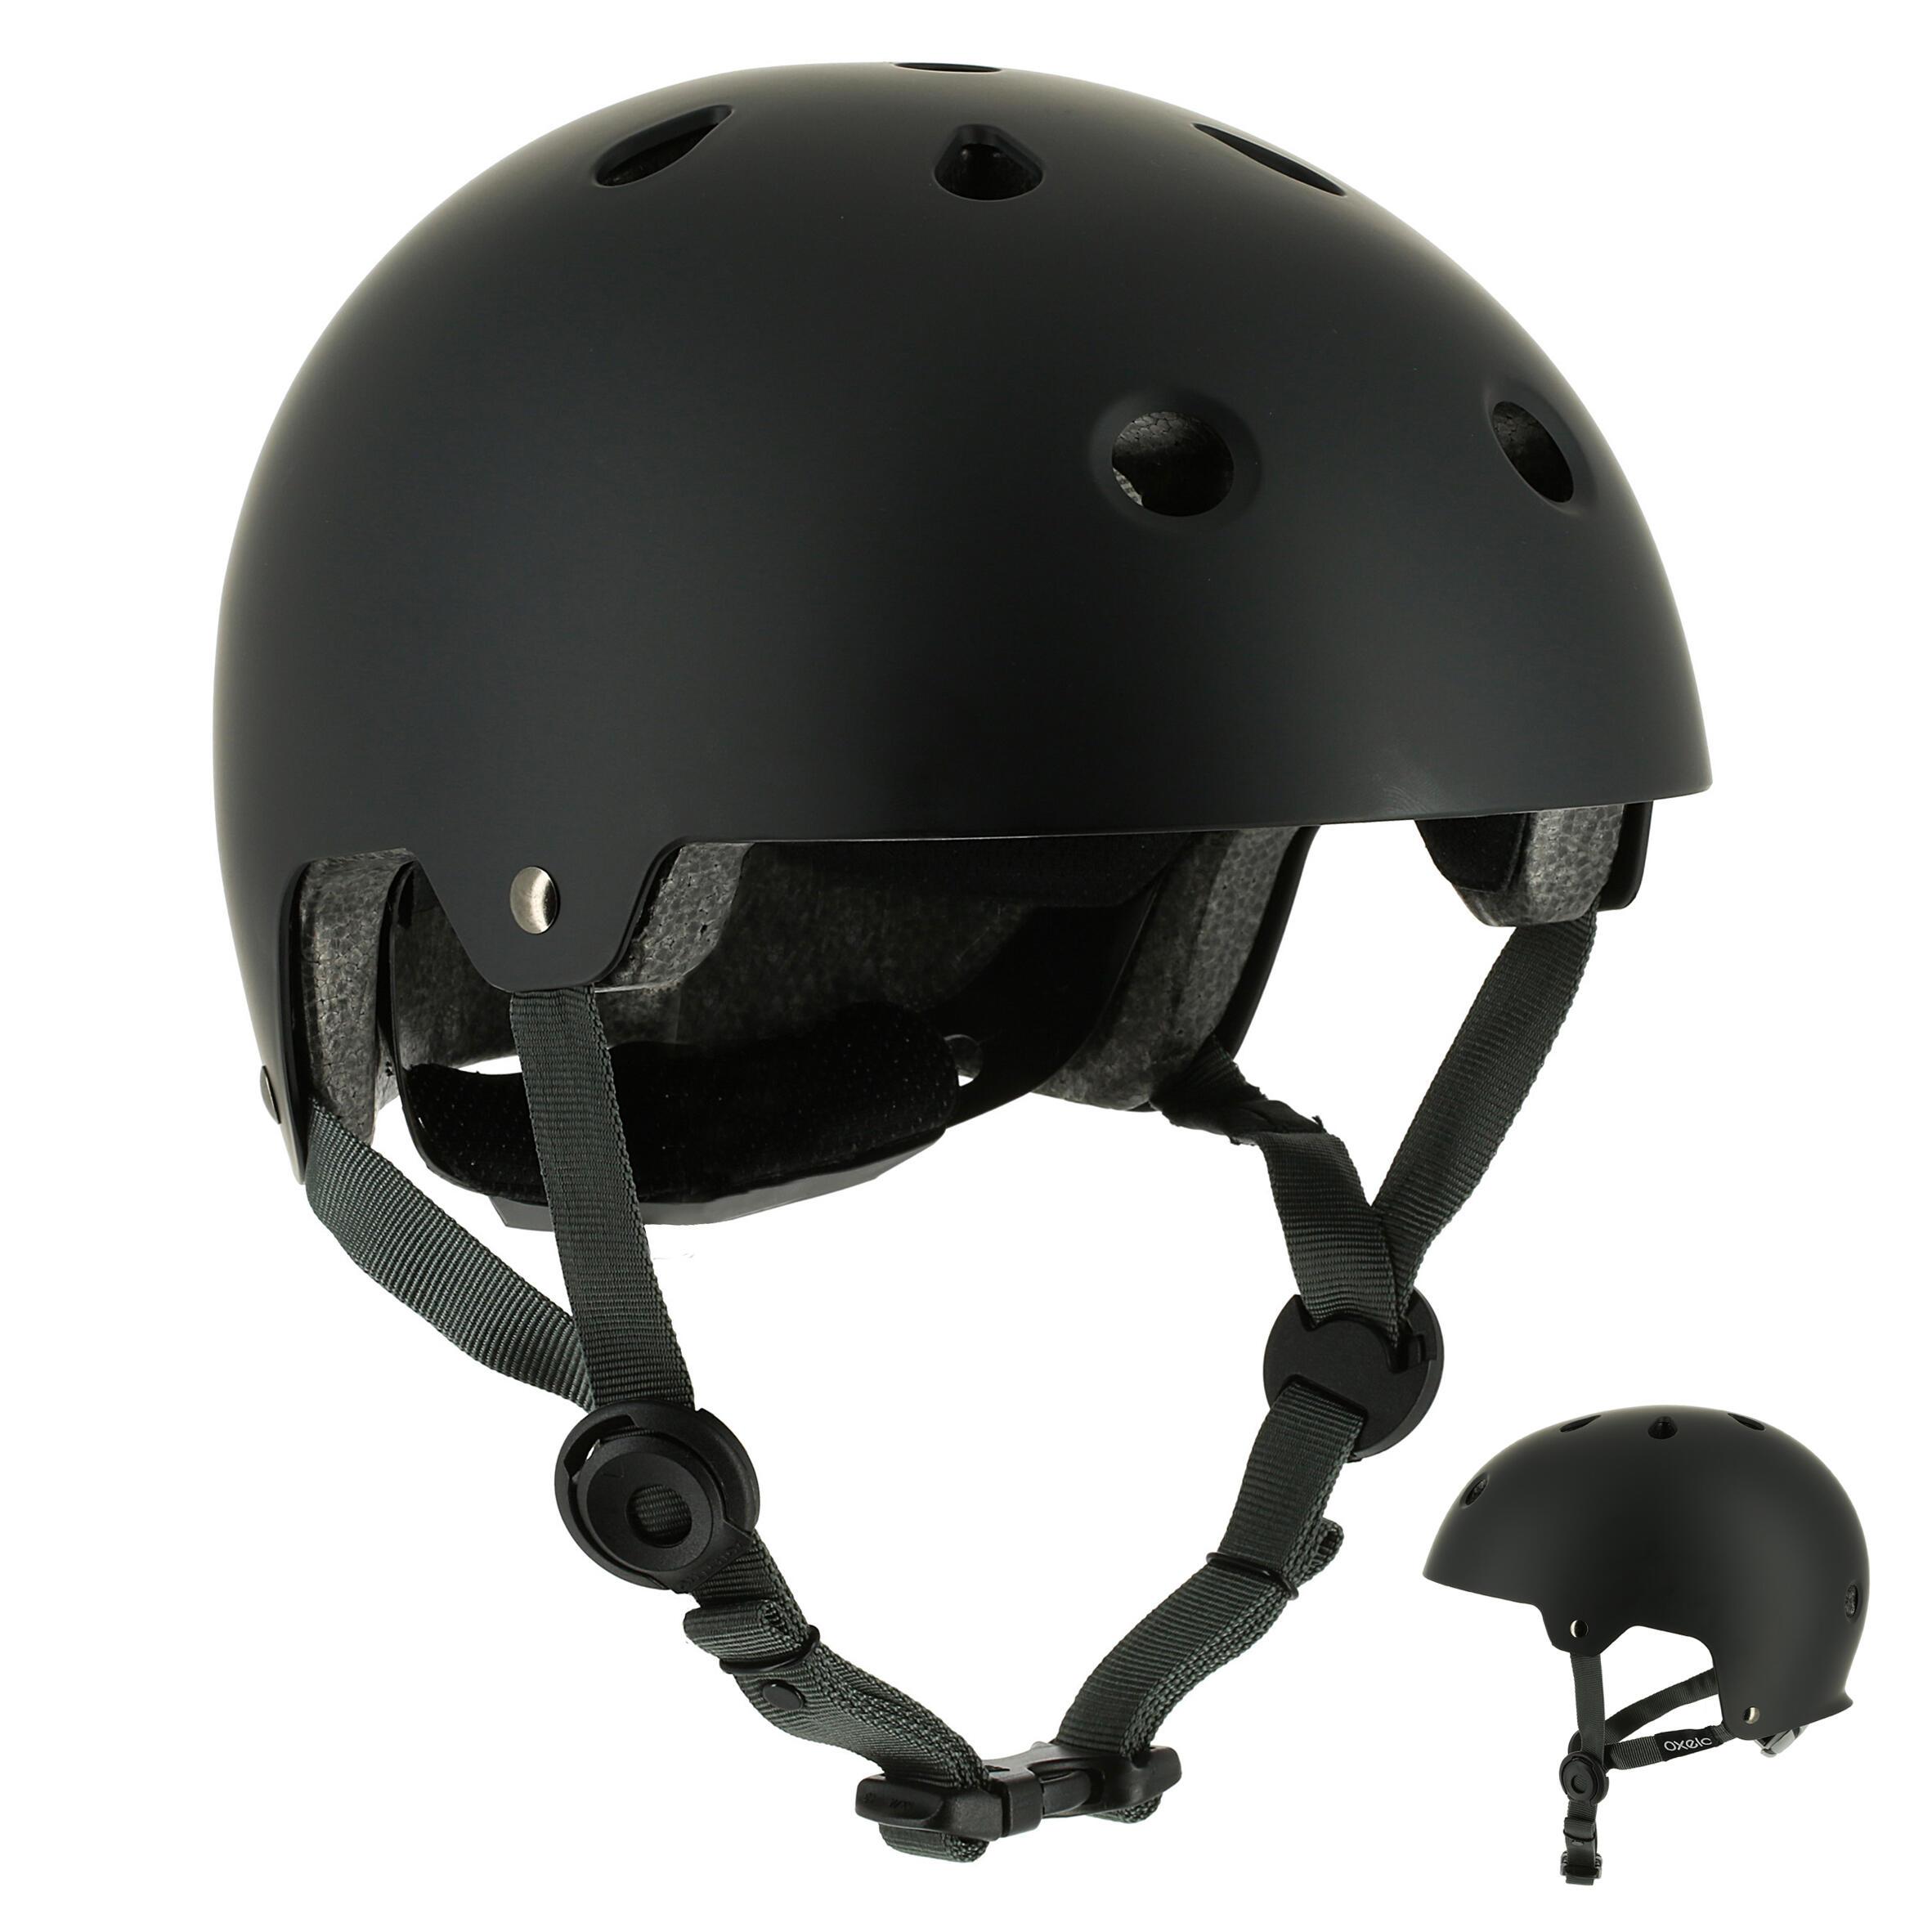 Casco para patines, patineta, patín del diablo y bicicleta PLAY 5 negro